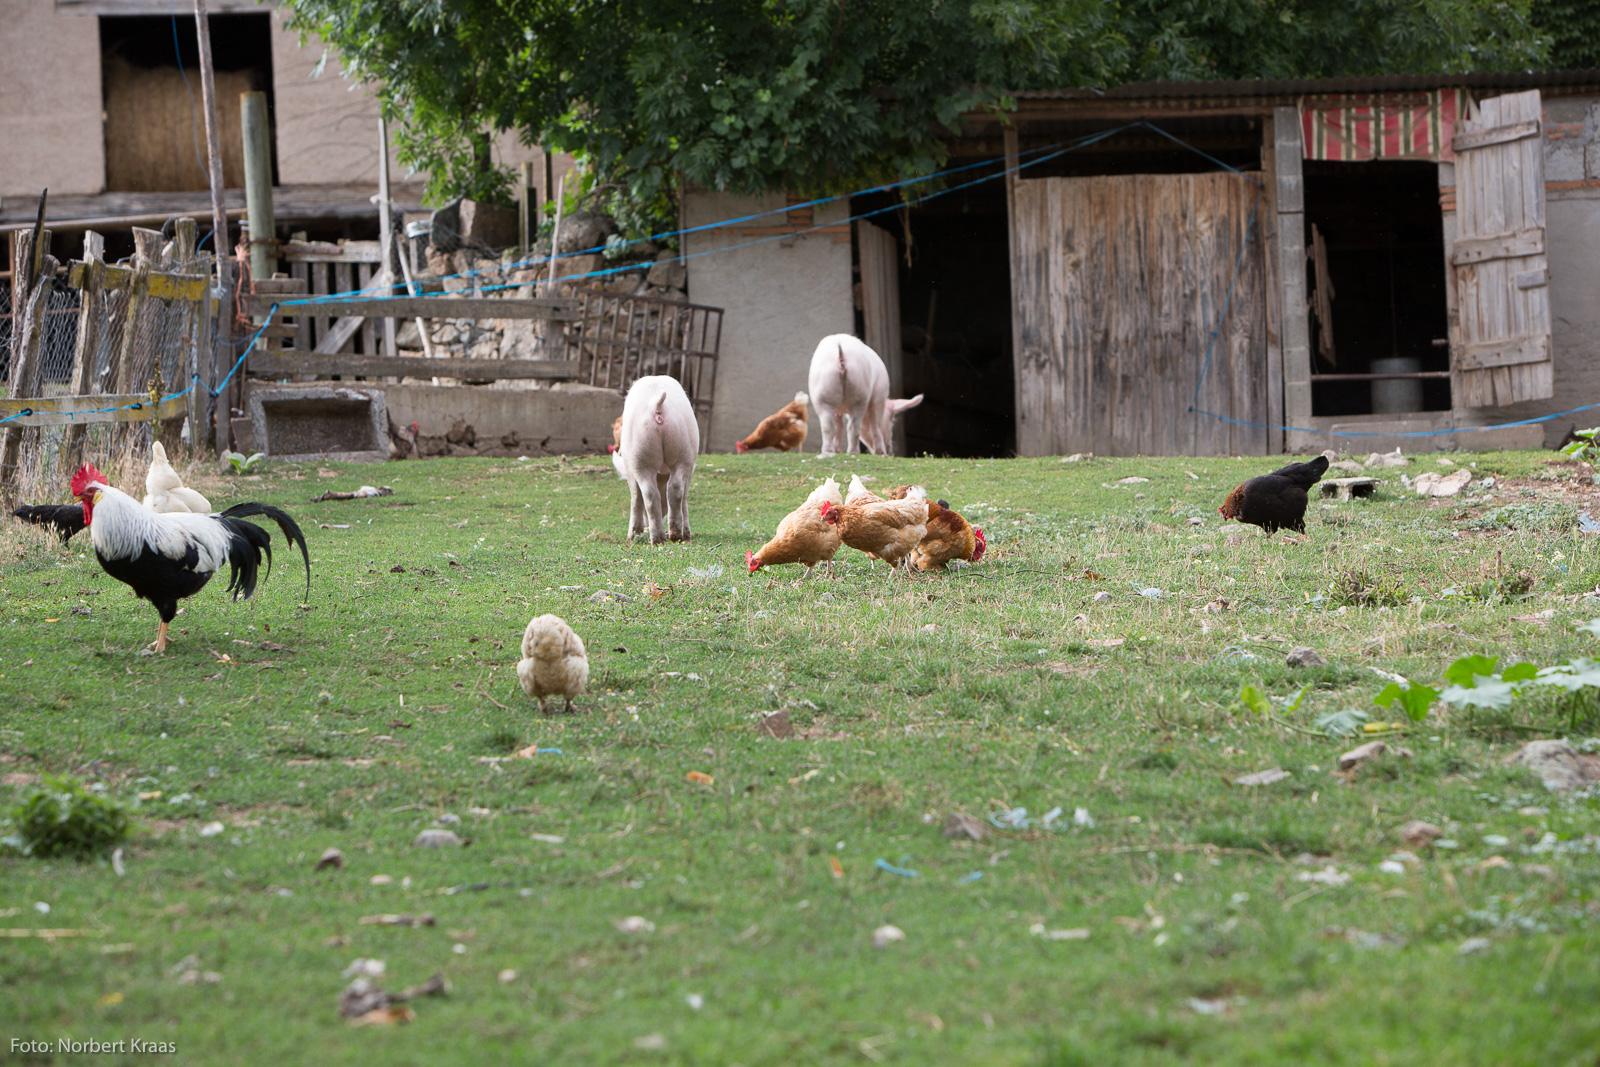 Wenn Hühner und Schweine die Wahl hätten, würden sie diese Art von Freilandhaltung wählen.